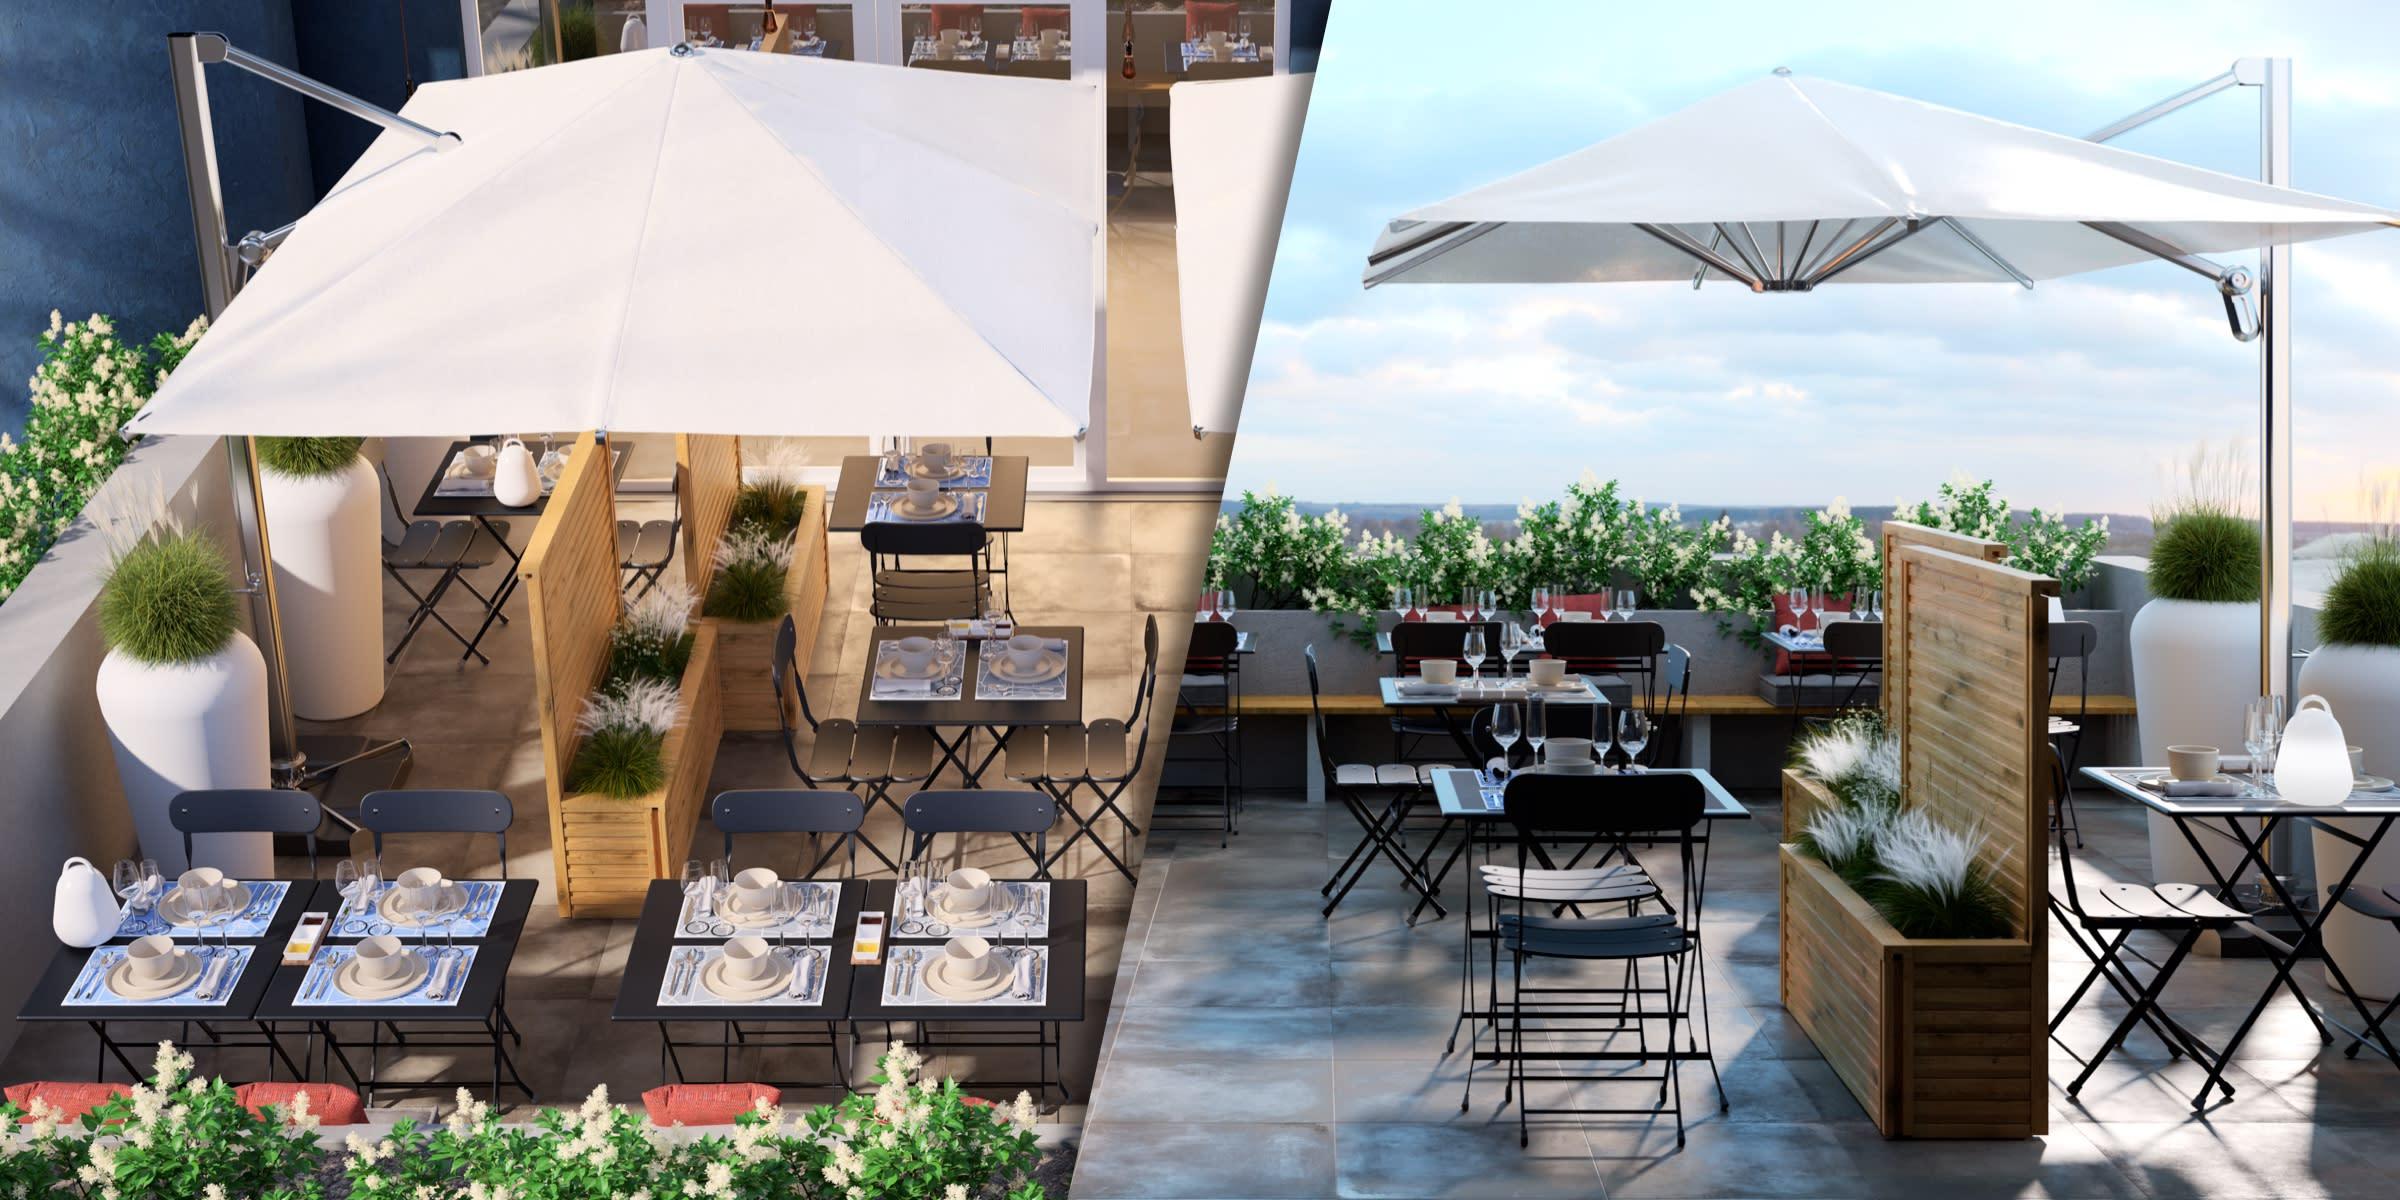 progetto arredo esterno ristorante